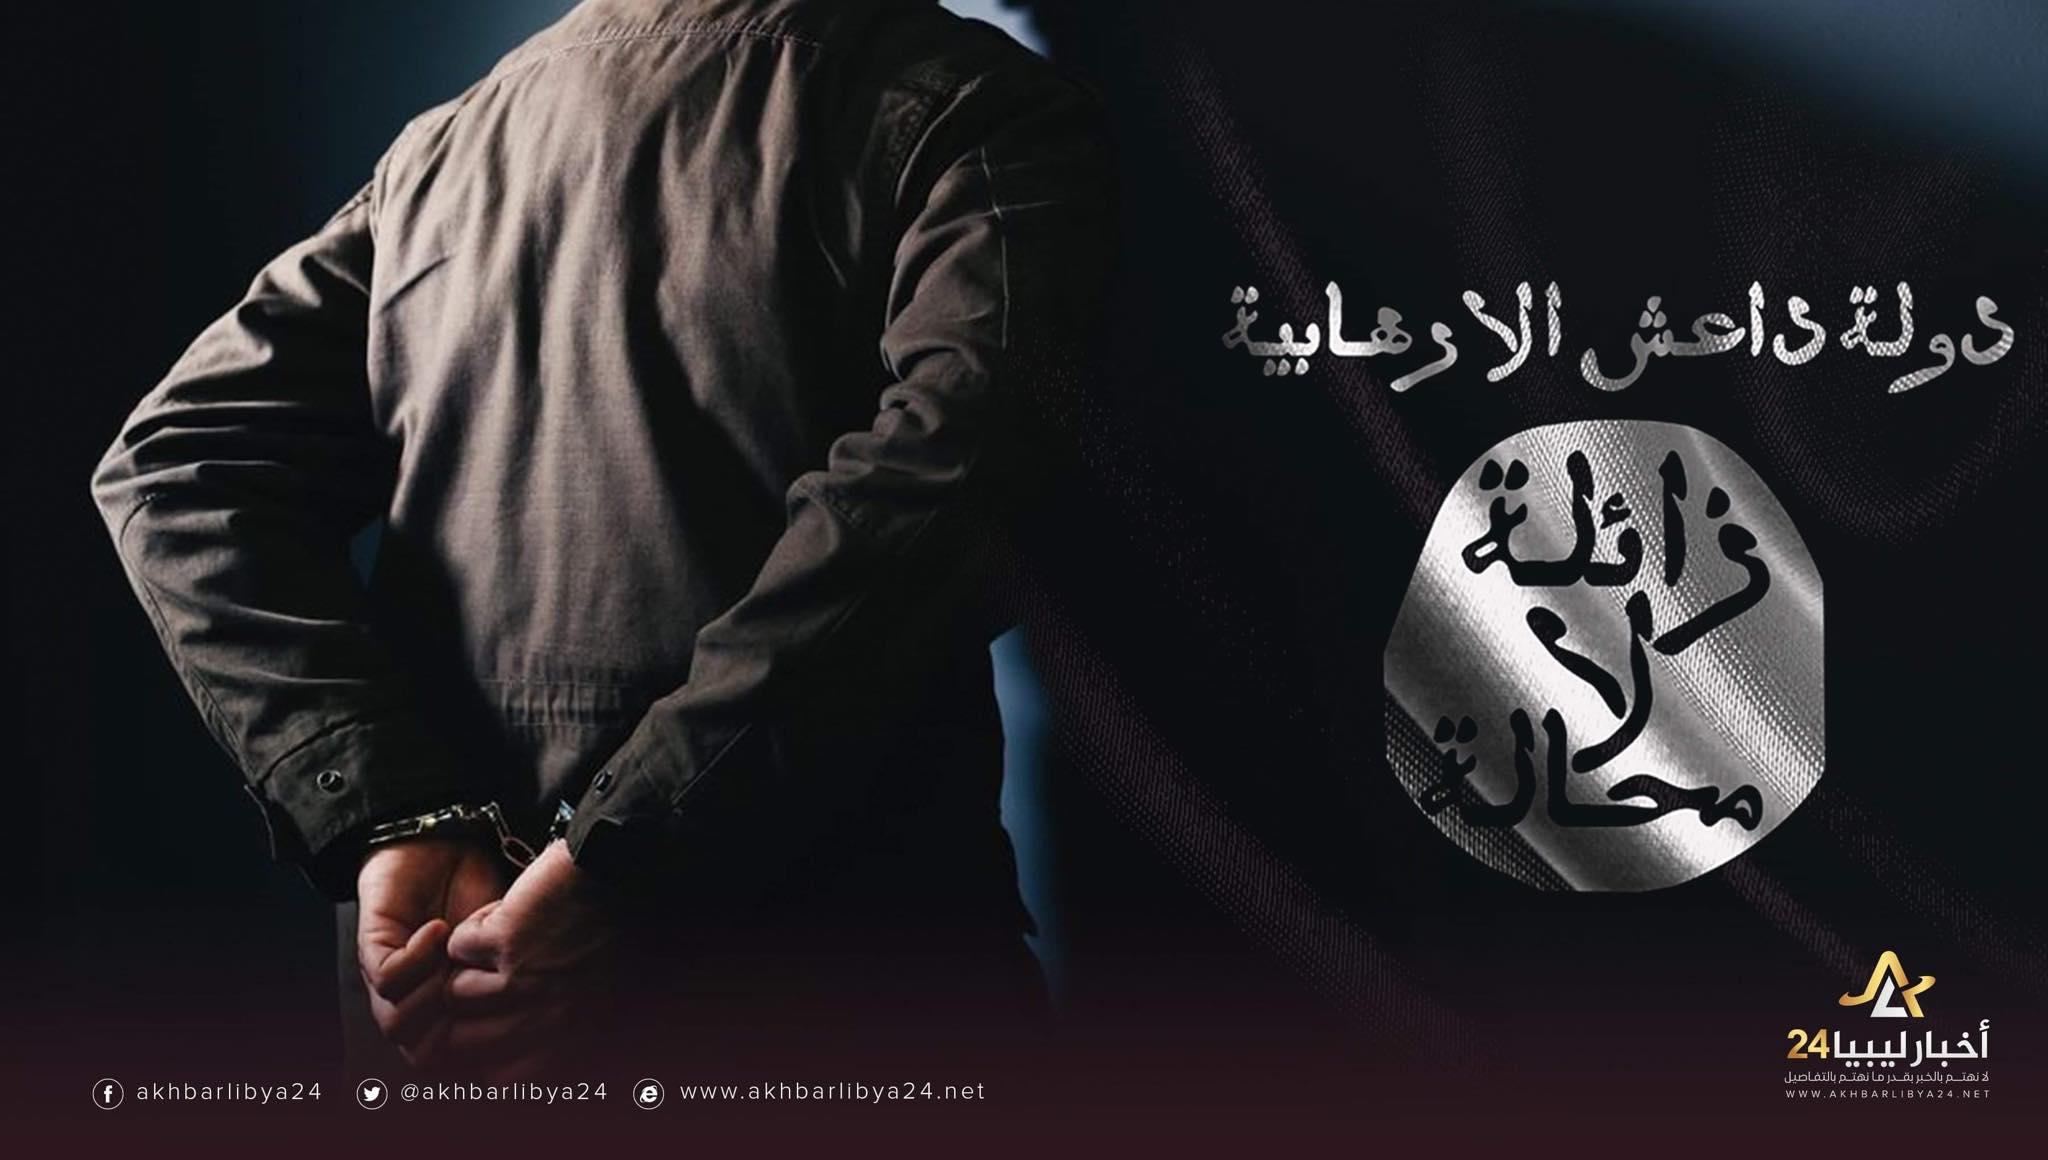 صورة خلايا الإرهاب النائمة معركة الليبيين في المناطق المحررة